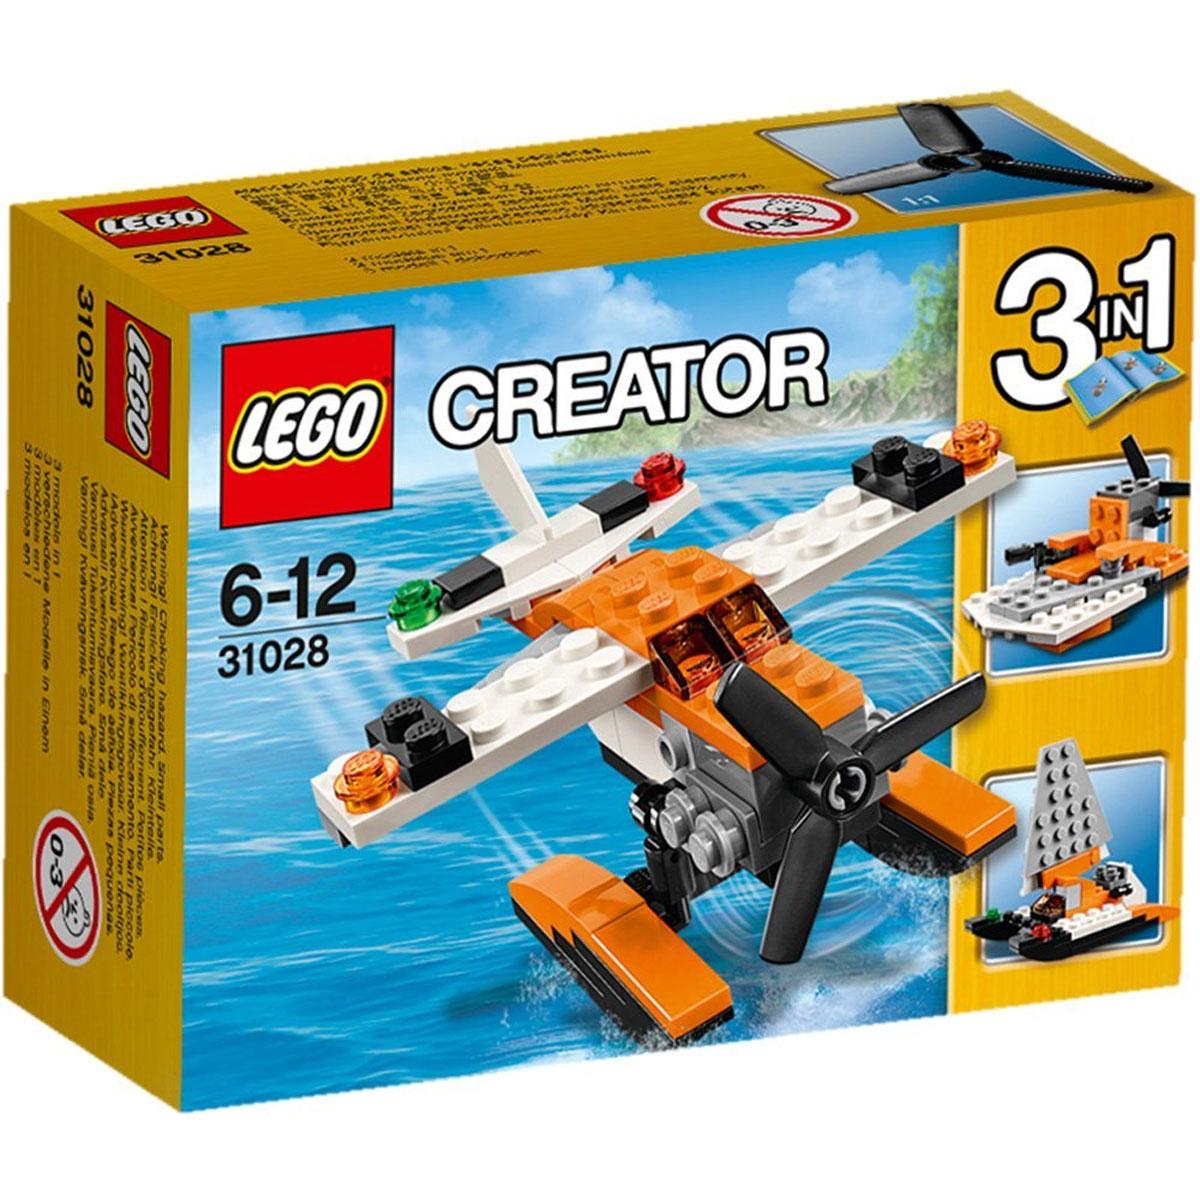 LEGO Creator Конструктор Гидроплан 3102831028Скользите по волнам на гидроплане! Закрутите пропеллер и подайте мощность. Прогремите над океаном и взлетайте в небо, выполняйте классные маневры в воздухе, потом приводняйтесь на поверхность океана. Гидроплан из набора Лего - это уникальный летательный аппарат, позволяющий взлетать и приземляться на поверхность воды. Его основной задачей является патрулирование береговой линии и оказание помощи всем, кто попал в беду на воде. Корпус гидроплана выполнен из контрастных оранжево-белых деталей, хорошо заметных в небе. В носовой части фюзеляжа установлен трёхлопастной вращающийся пропеллер. За ним видна кабина пилота с тонированным ветровым стеклом и длинные крылья с сигнальными огнями. В задней части располагается хвост с килем и аэронавигационные огни. Главной особенностью гидроплана служат два продолговатых поплавка, прикреплённые к днищу. Они полностью заменяют обычное шасси и помогают приземлиться практически на любой водоём. При желании гидроплан можно переделать в катер для...